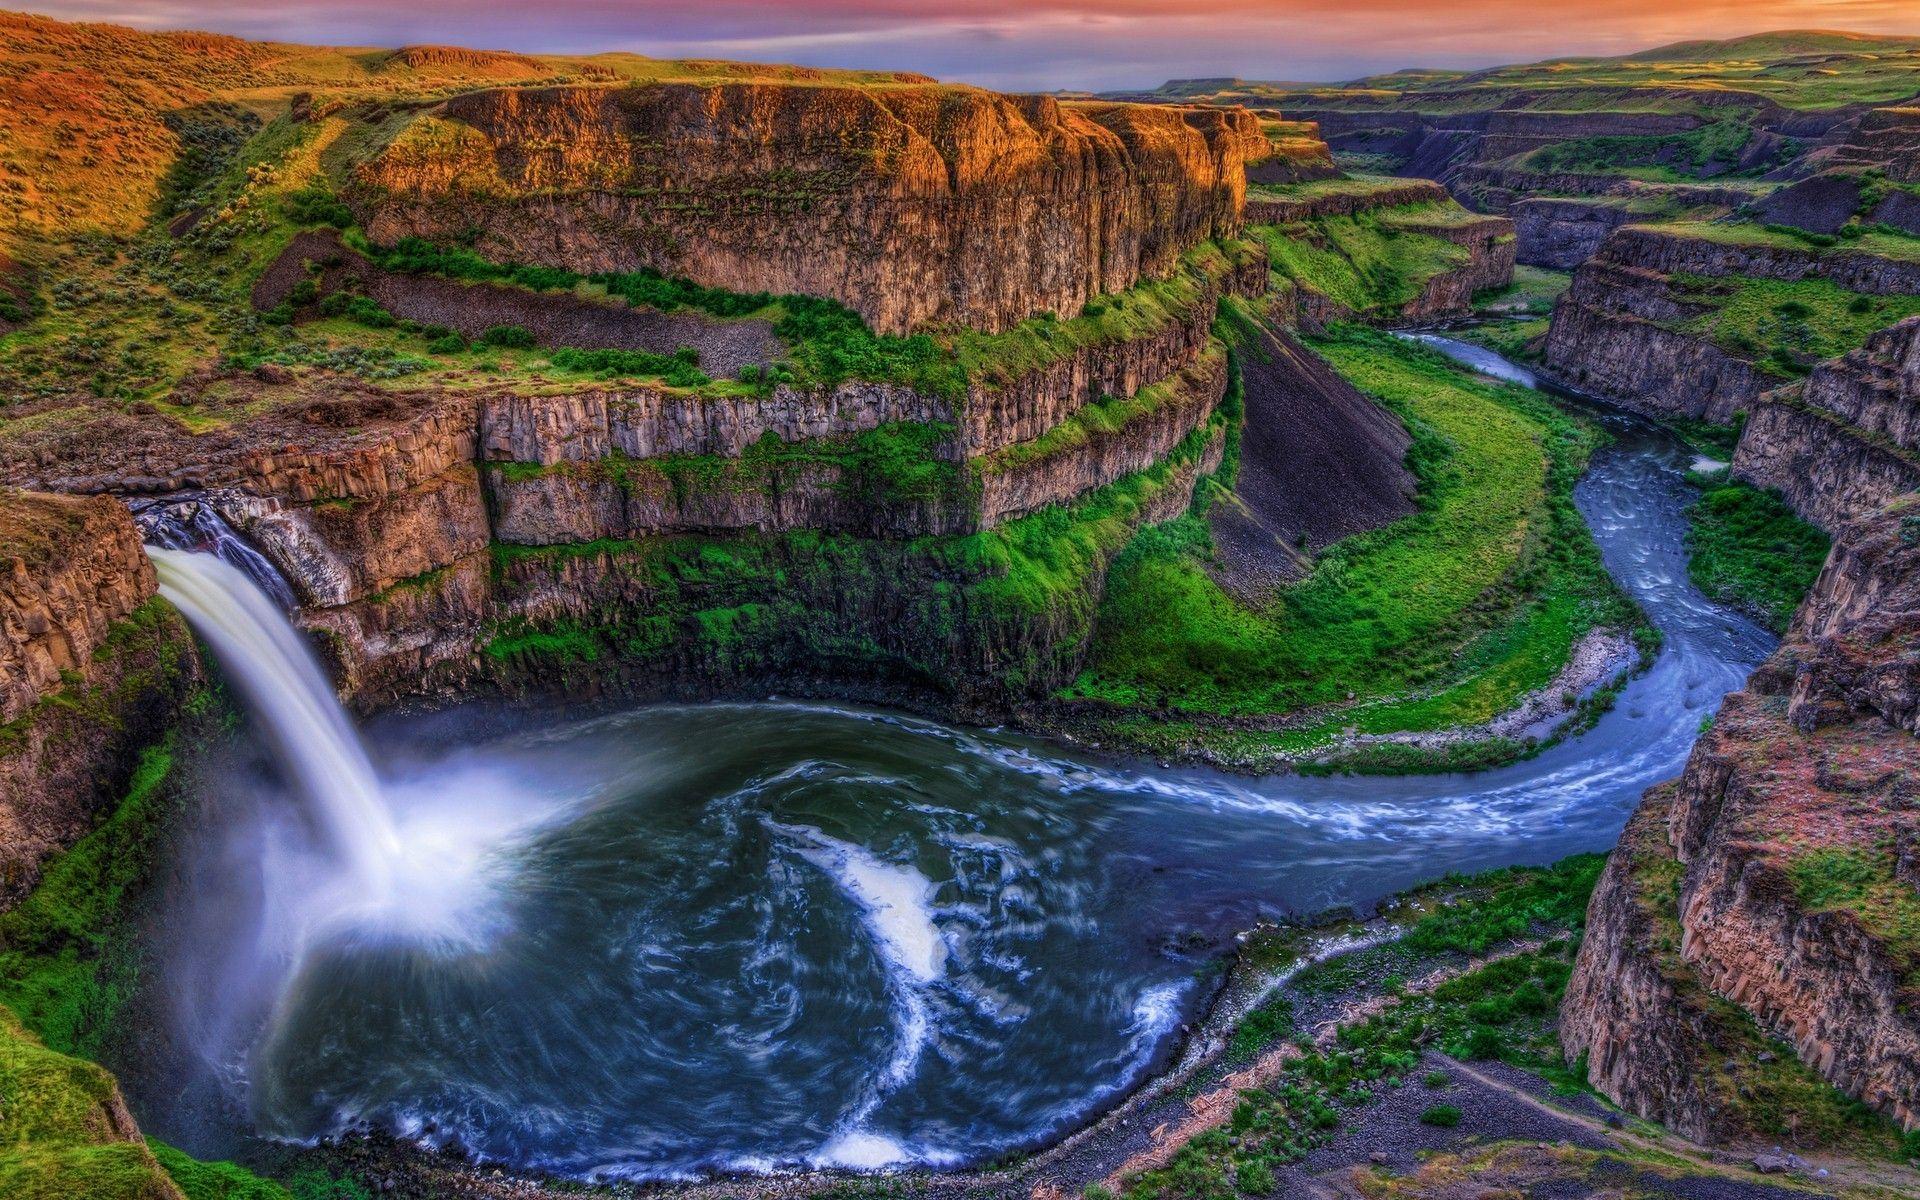 Hình ảnh thác nước đẹp hiền hòa